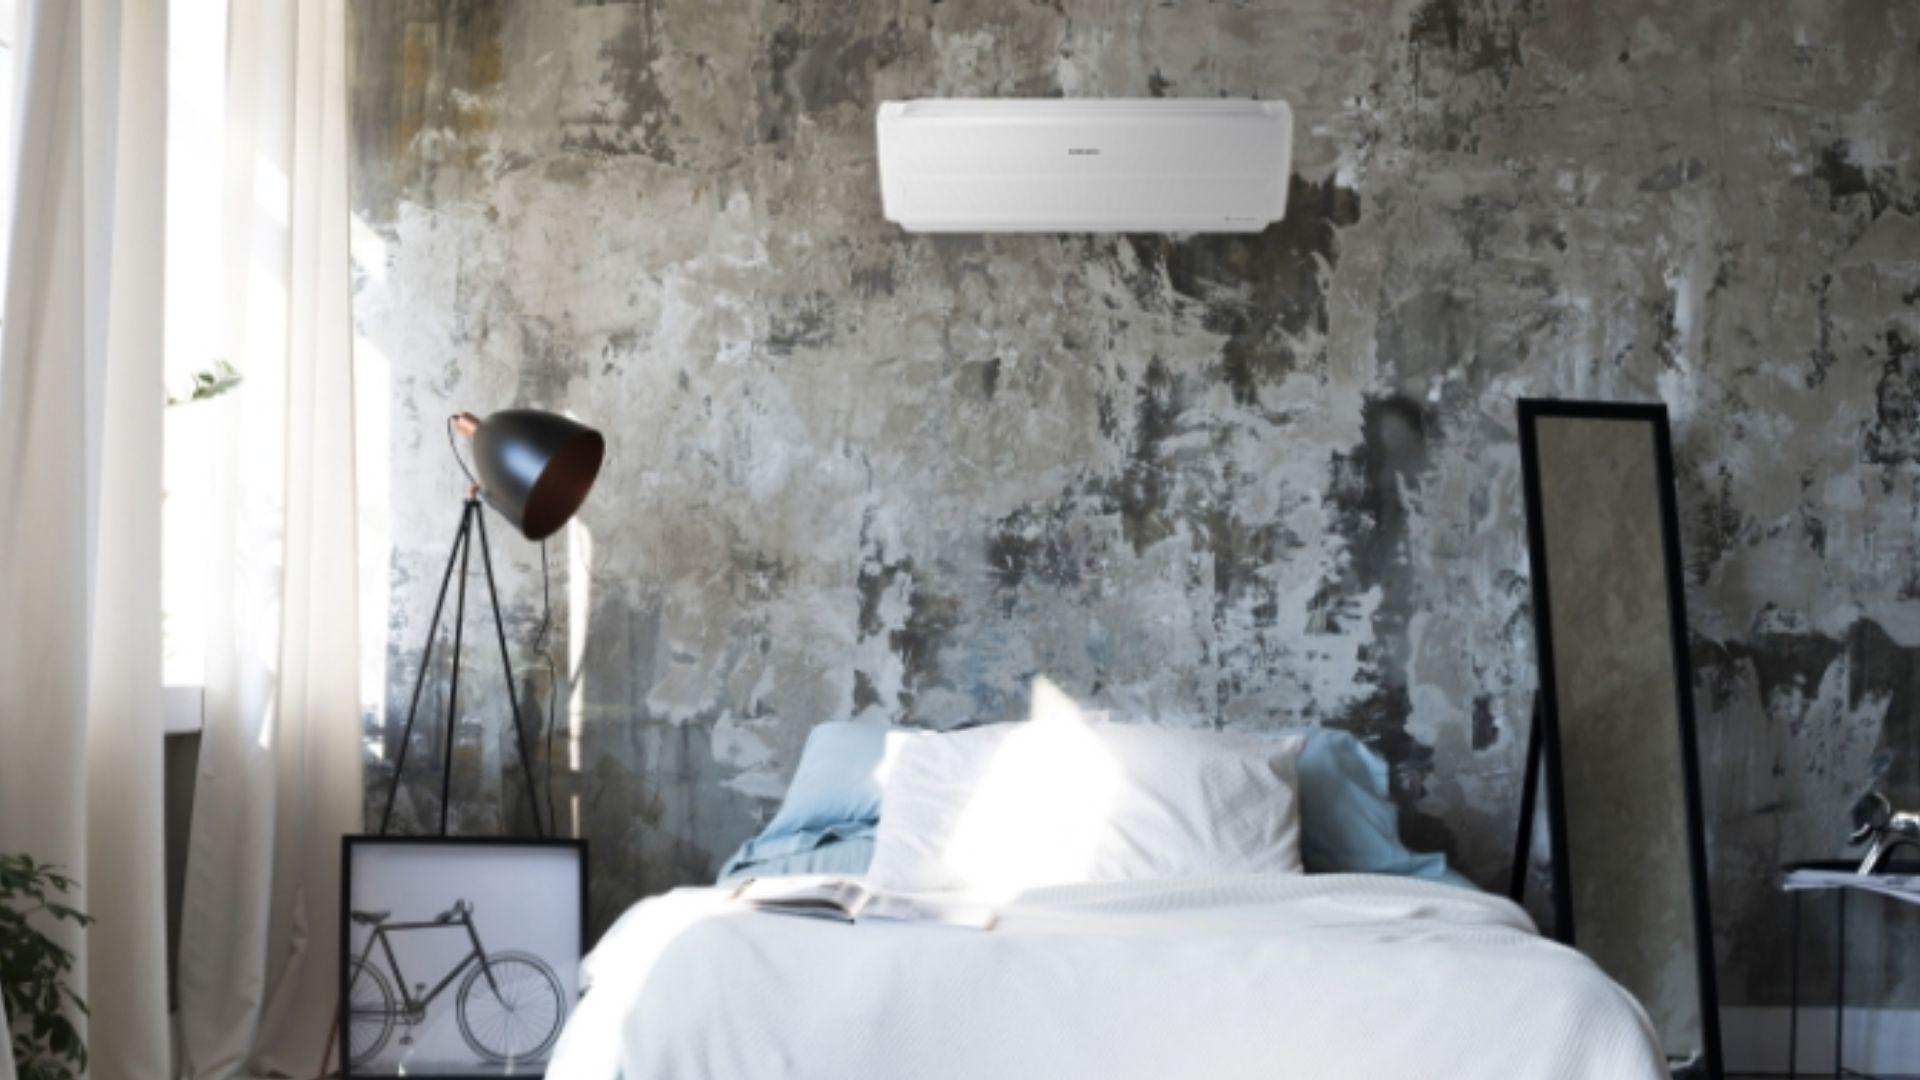 Com o ar condicionado Samsung Wind Free, é possível deixar o ambiente na temperatura desejada, mesmo antes de chegar em casa. (Imagem: Divulgação/Samsung)